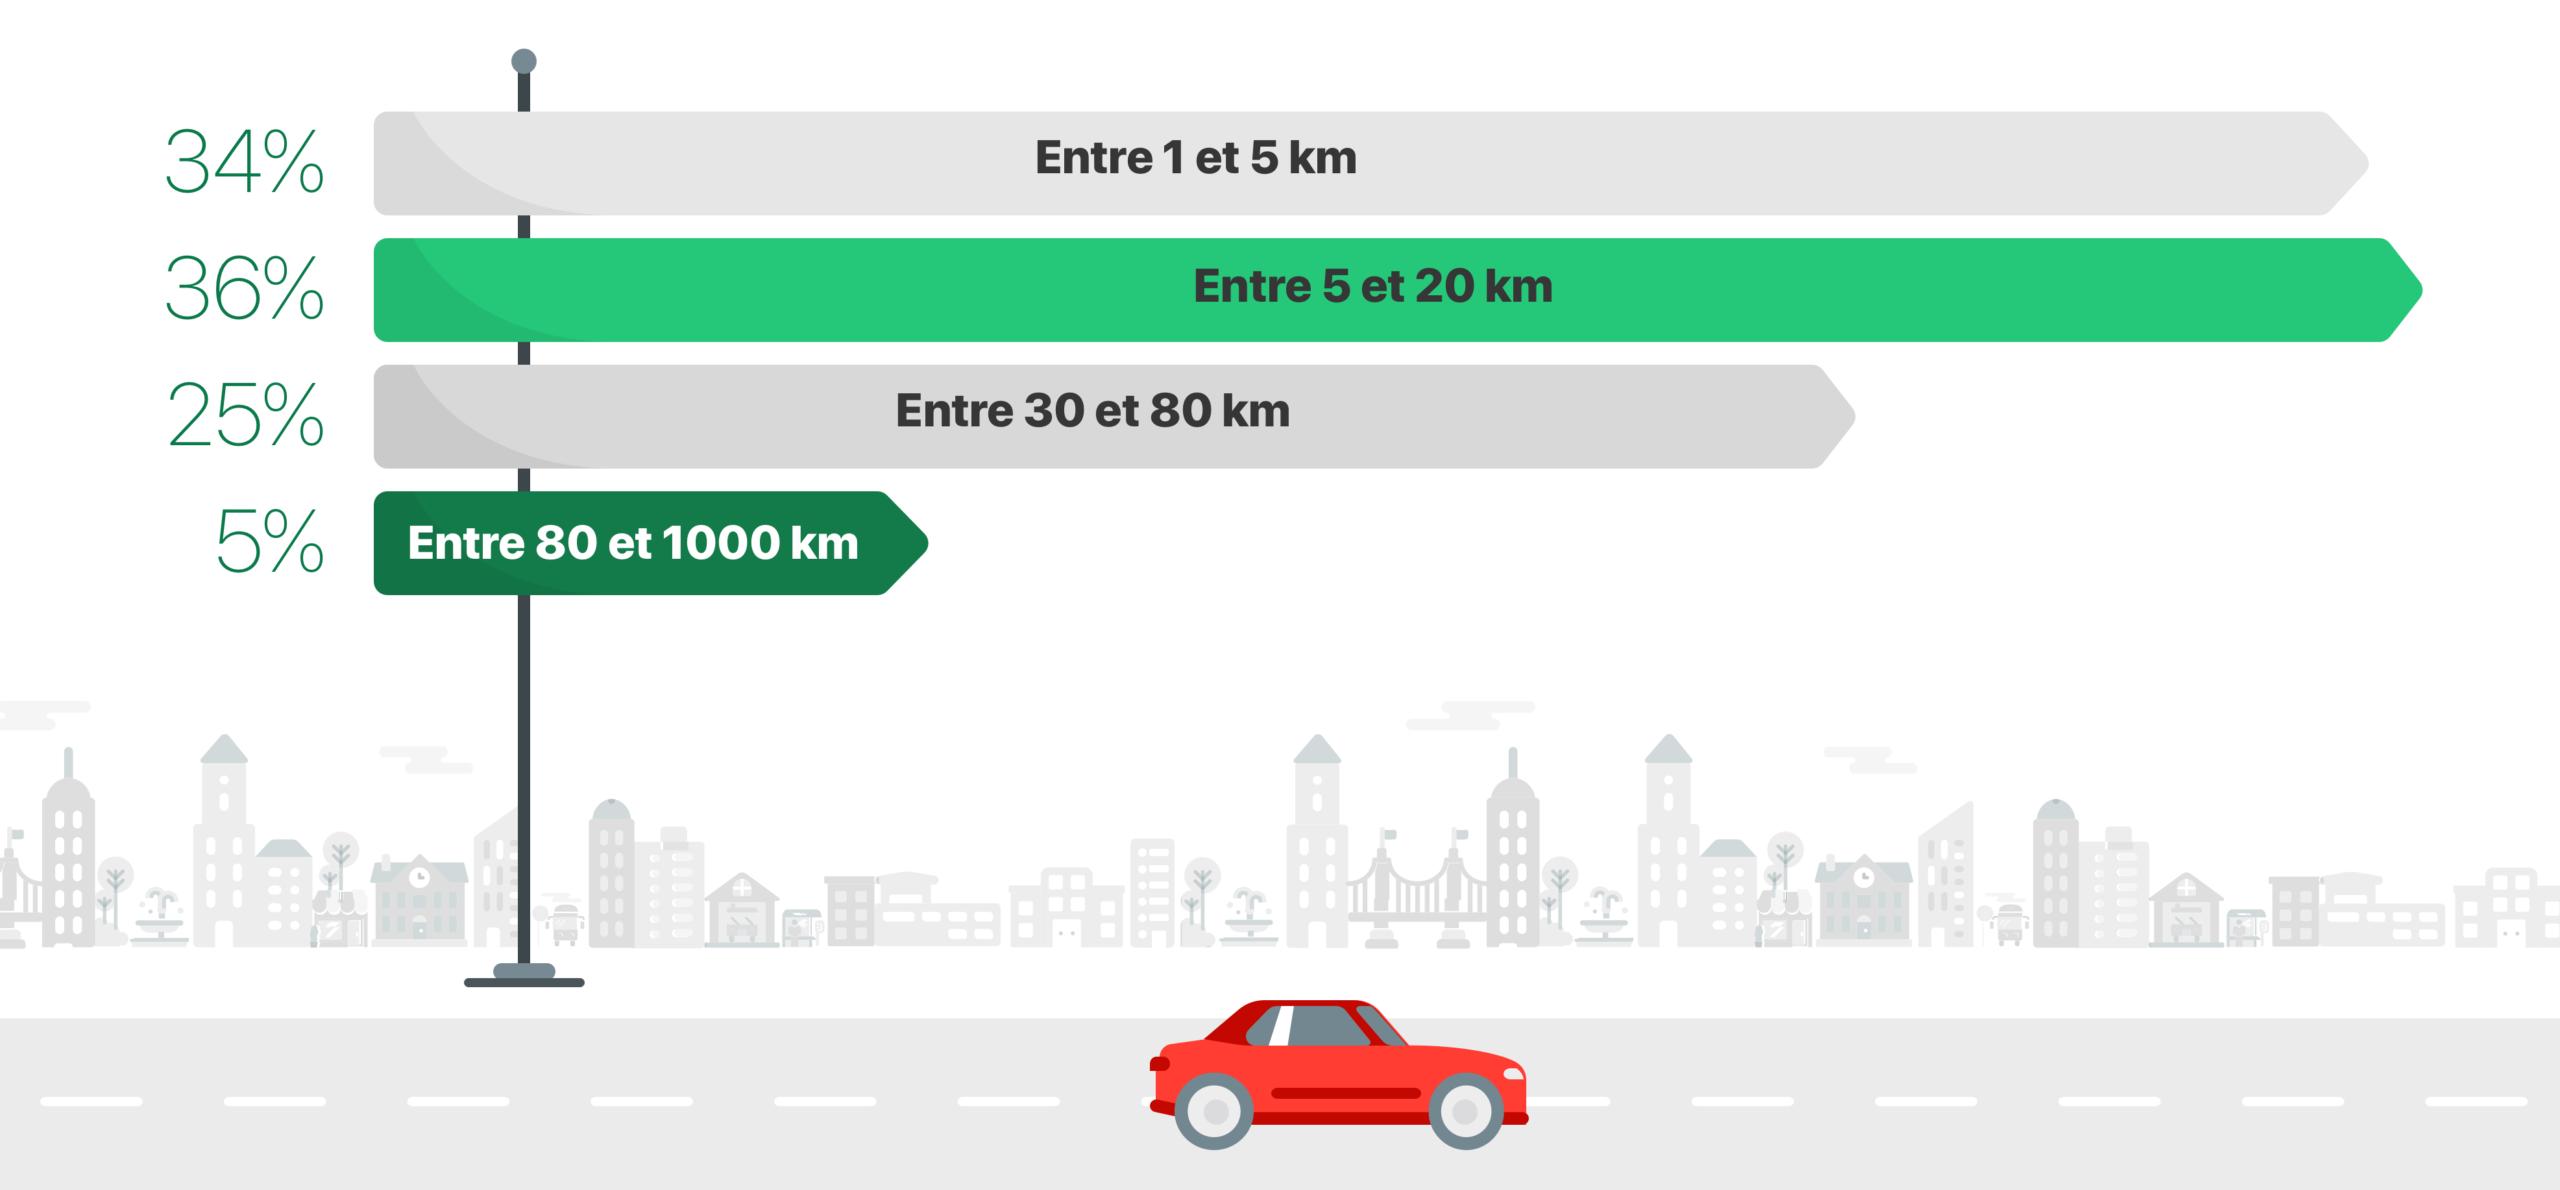 Trajets Longueur e1604495159126 - Vos habitudes de conduite et votre vision de l'automobile de demain, en images.